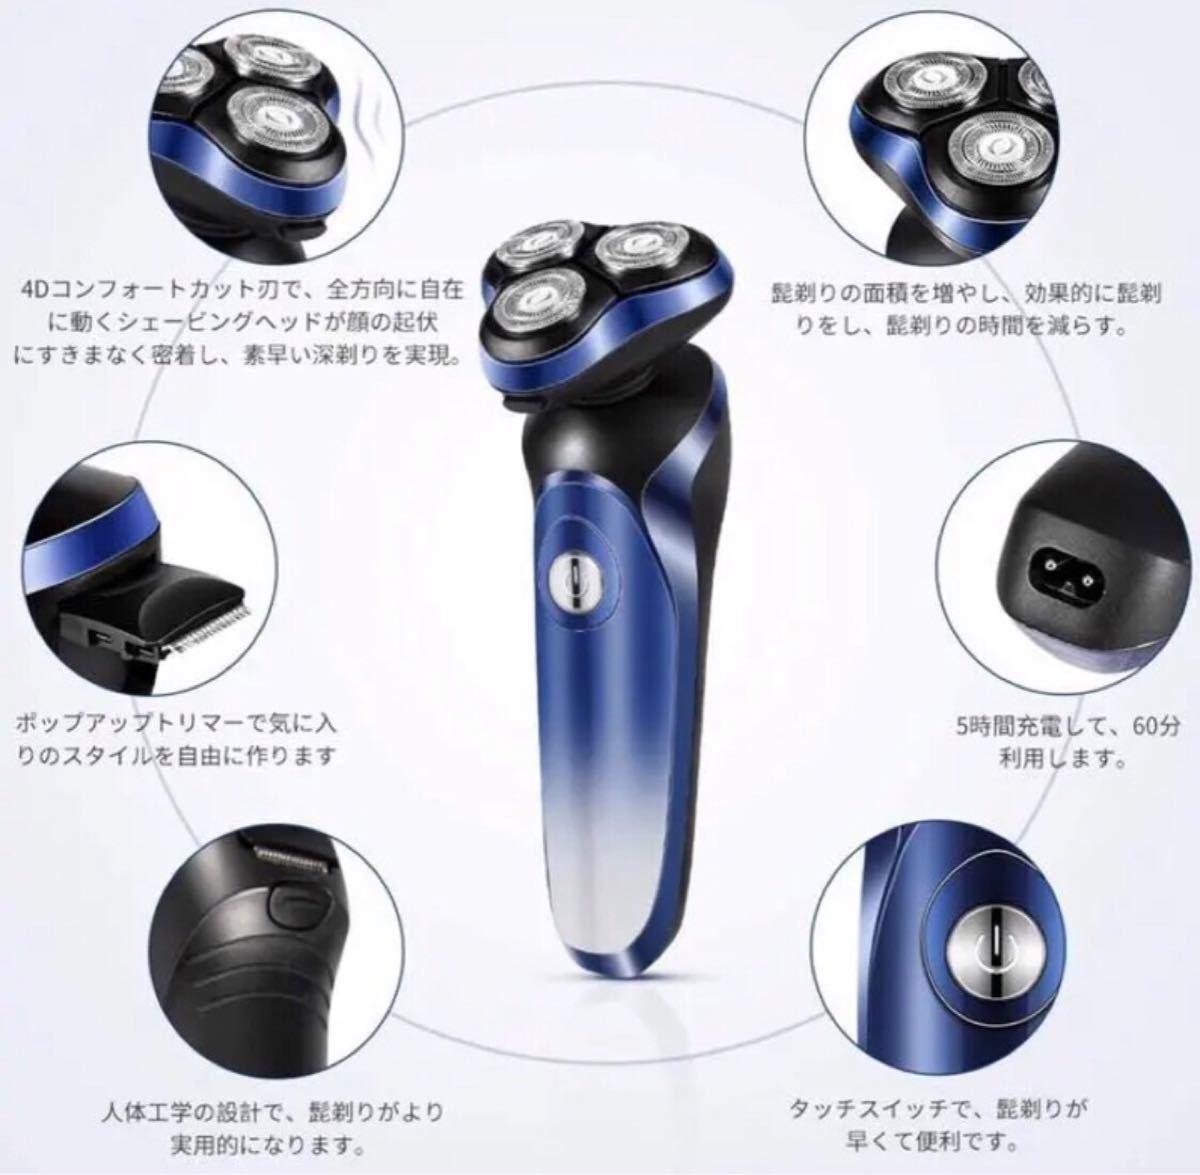 メンズ電気シェーバー ひげそり 回転式 IPX7防水 USB充電式 LED